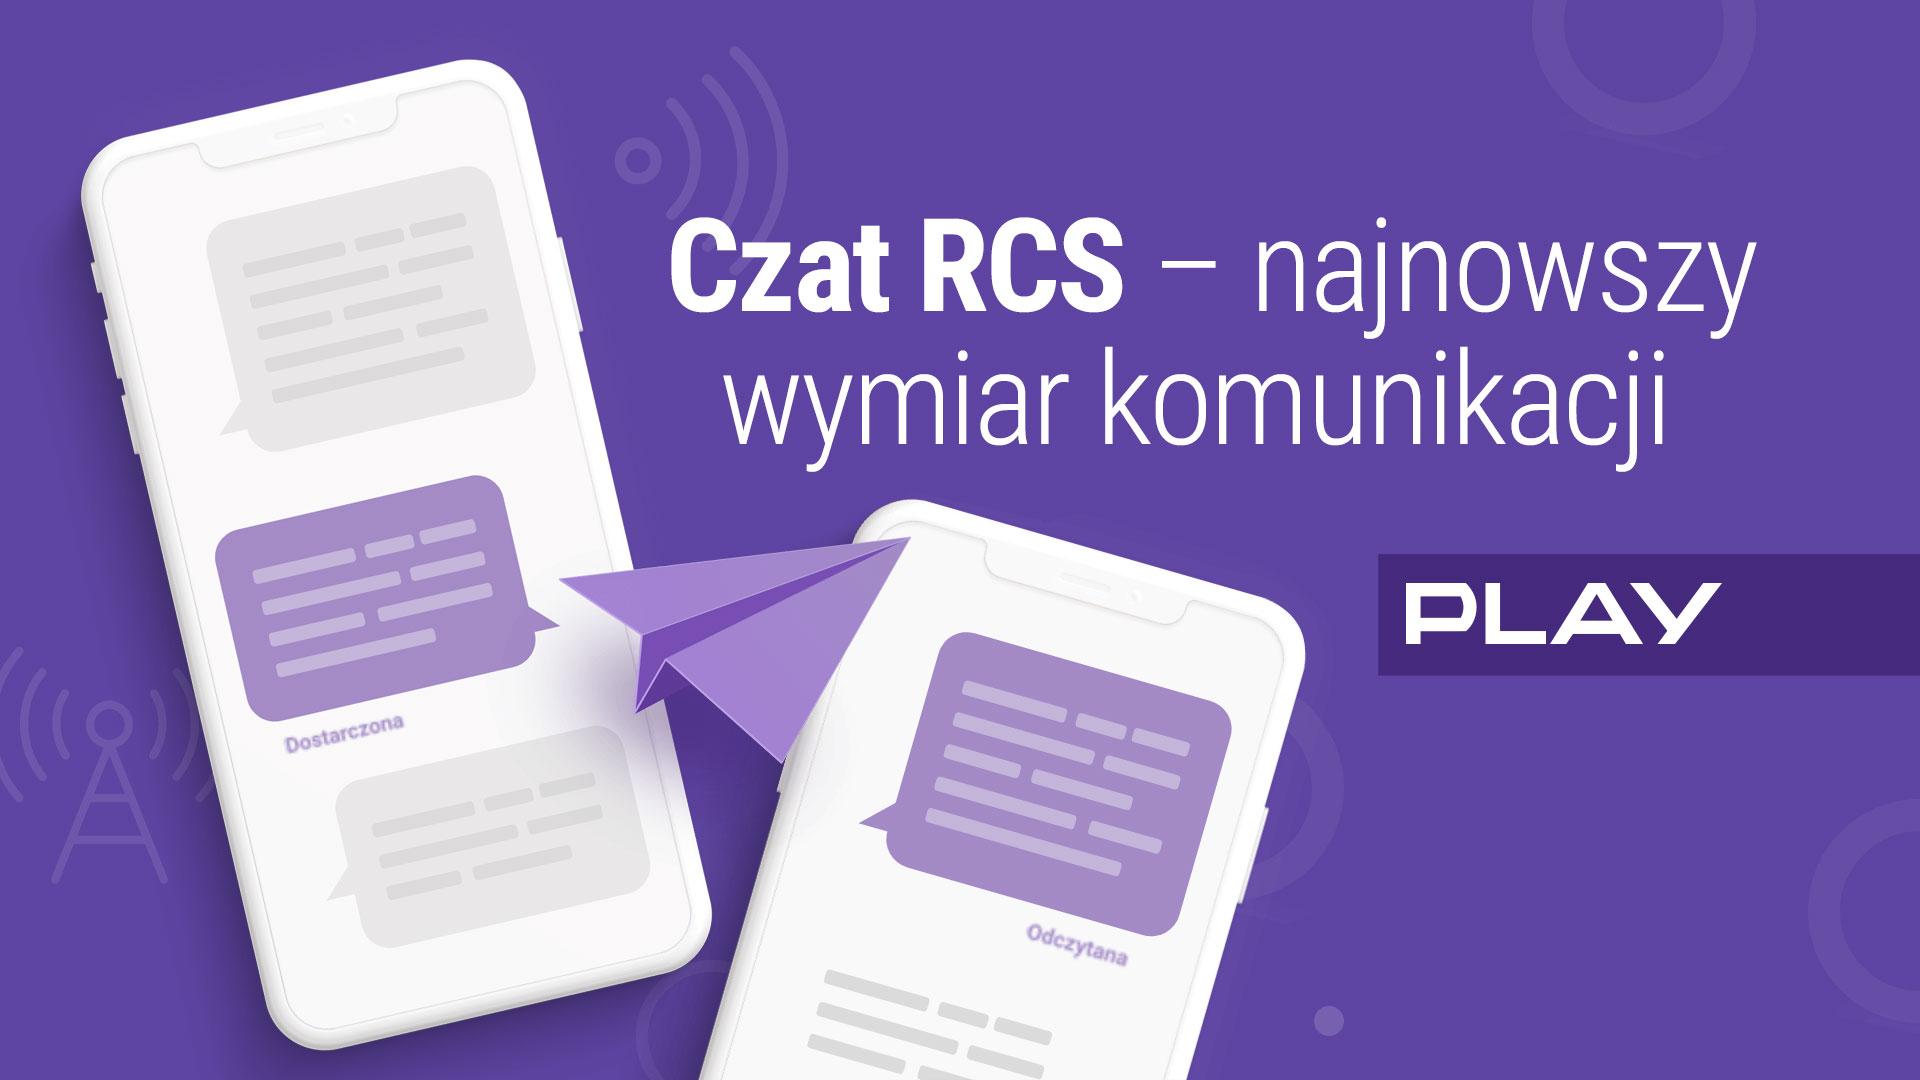 Play wprowadza czat RCS, czyli następcę SMS-a, do trzech modeli smartfonów Samsunga 17 rcs